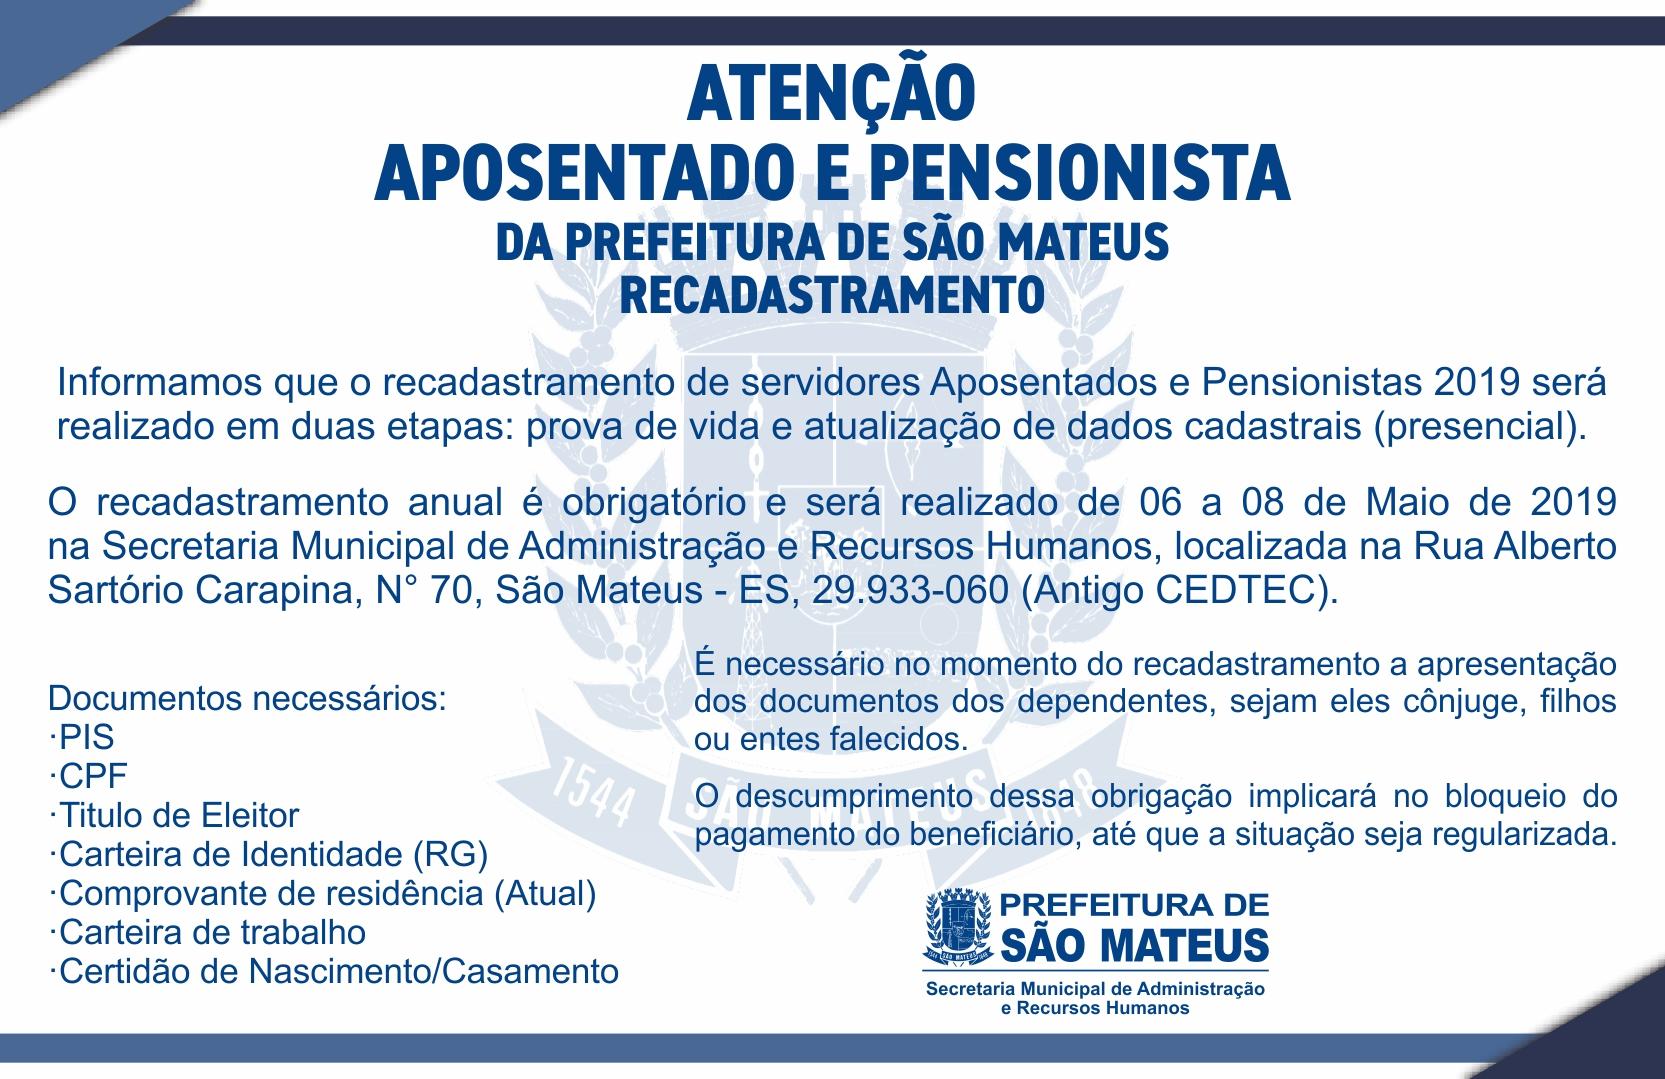 COMUNICADO - RECADASTRAMENTO DE SERVIDORES APOSENTADOS E PENSIONISTAS 2019 DA PREFEITURA DE SÃO MATEUS